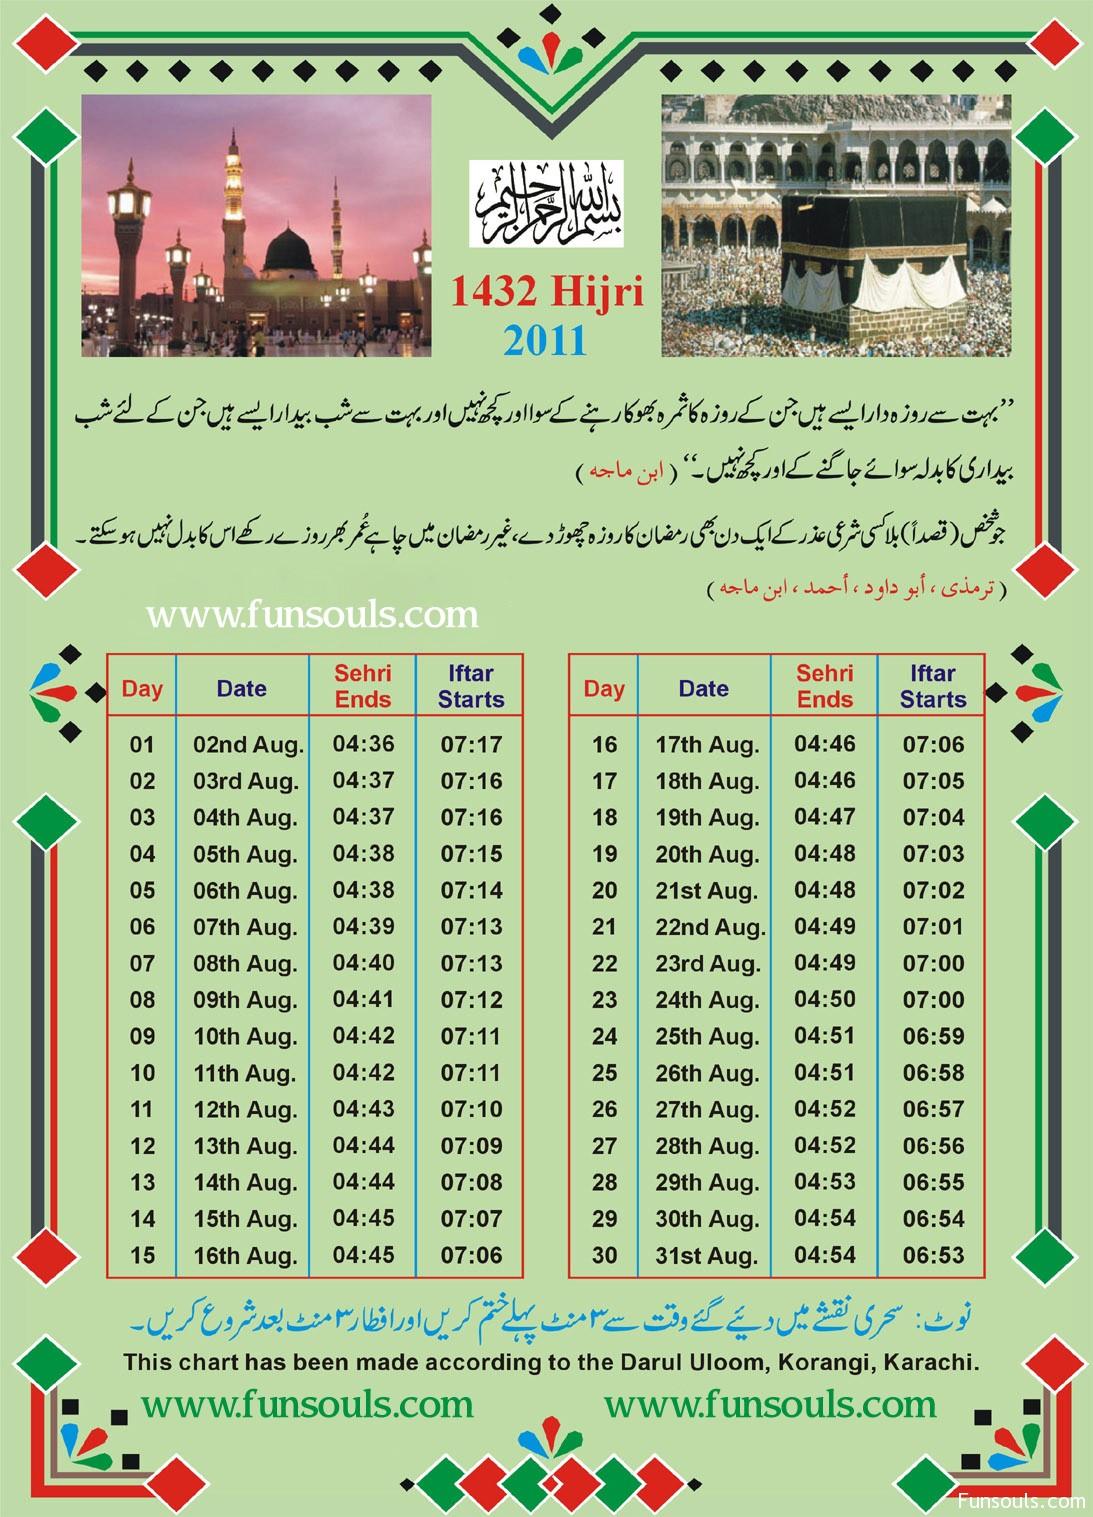 http://1.bp.blogspot.com/-AW2A2koOoh8/TjuhrHtT8rI/AAAAAAAAClc/xsnmhQil8MQ/s1600/ramadancalendar2011.jpg